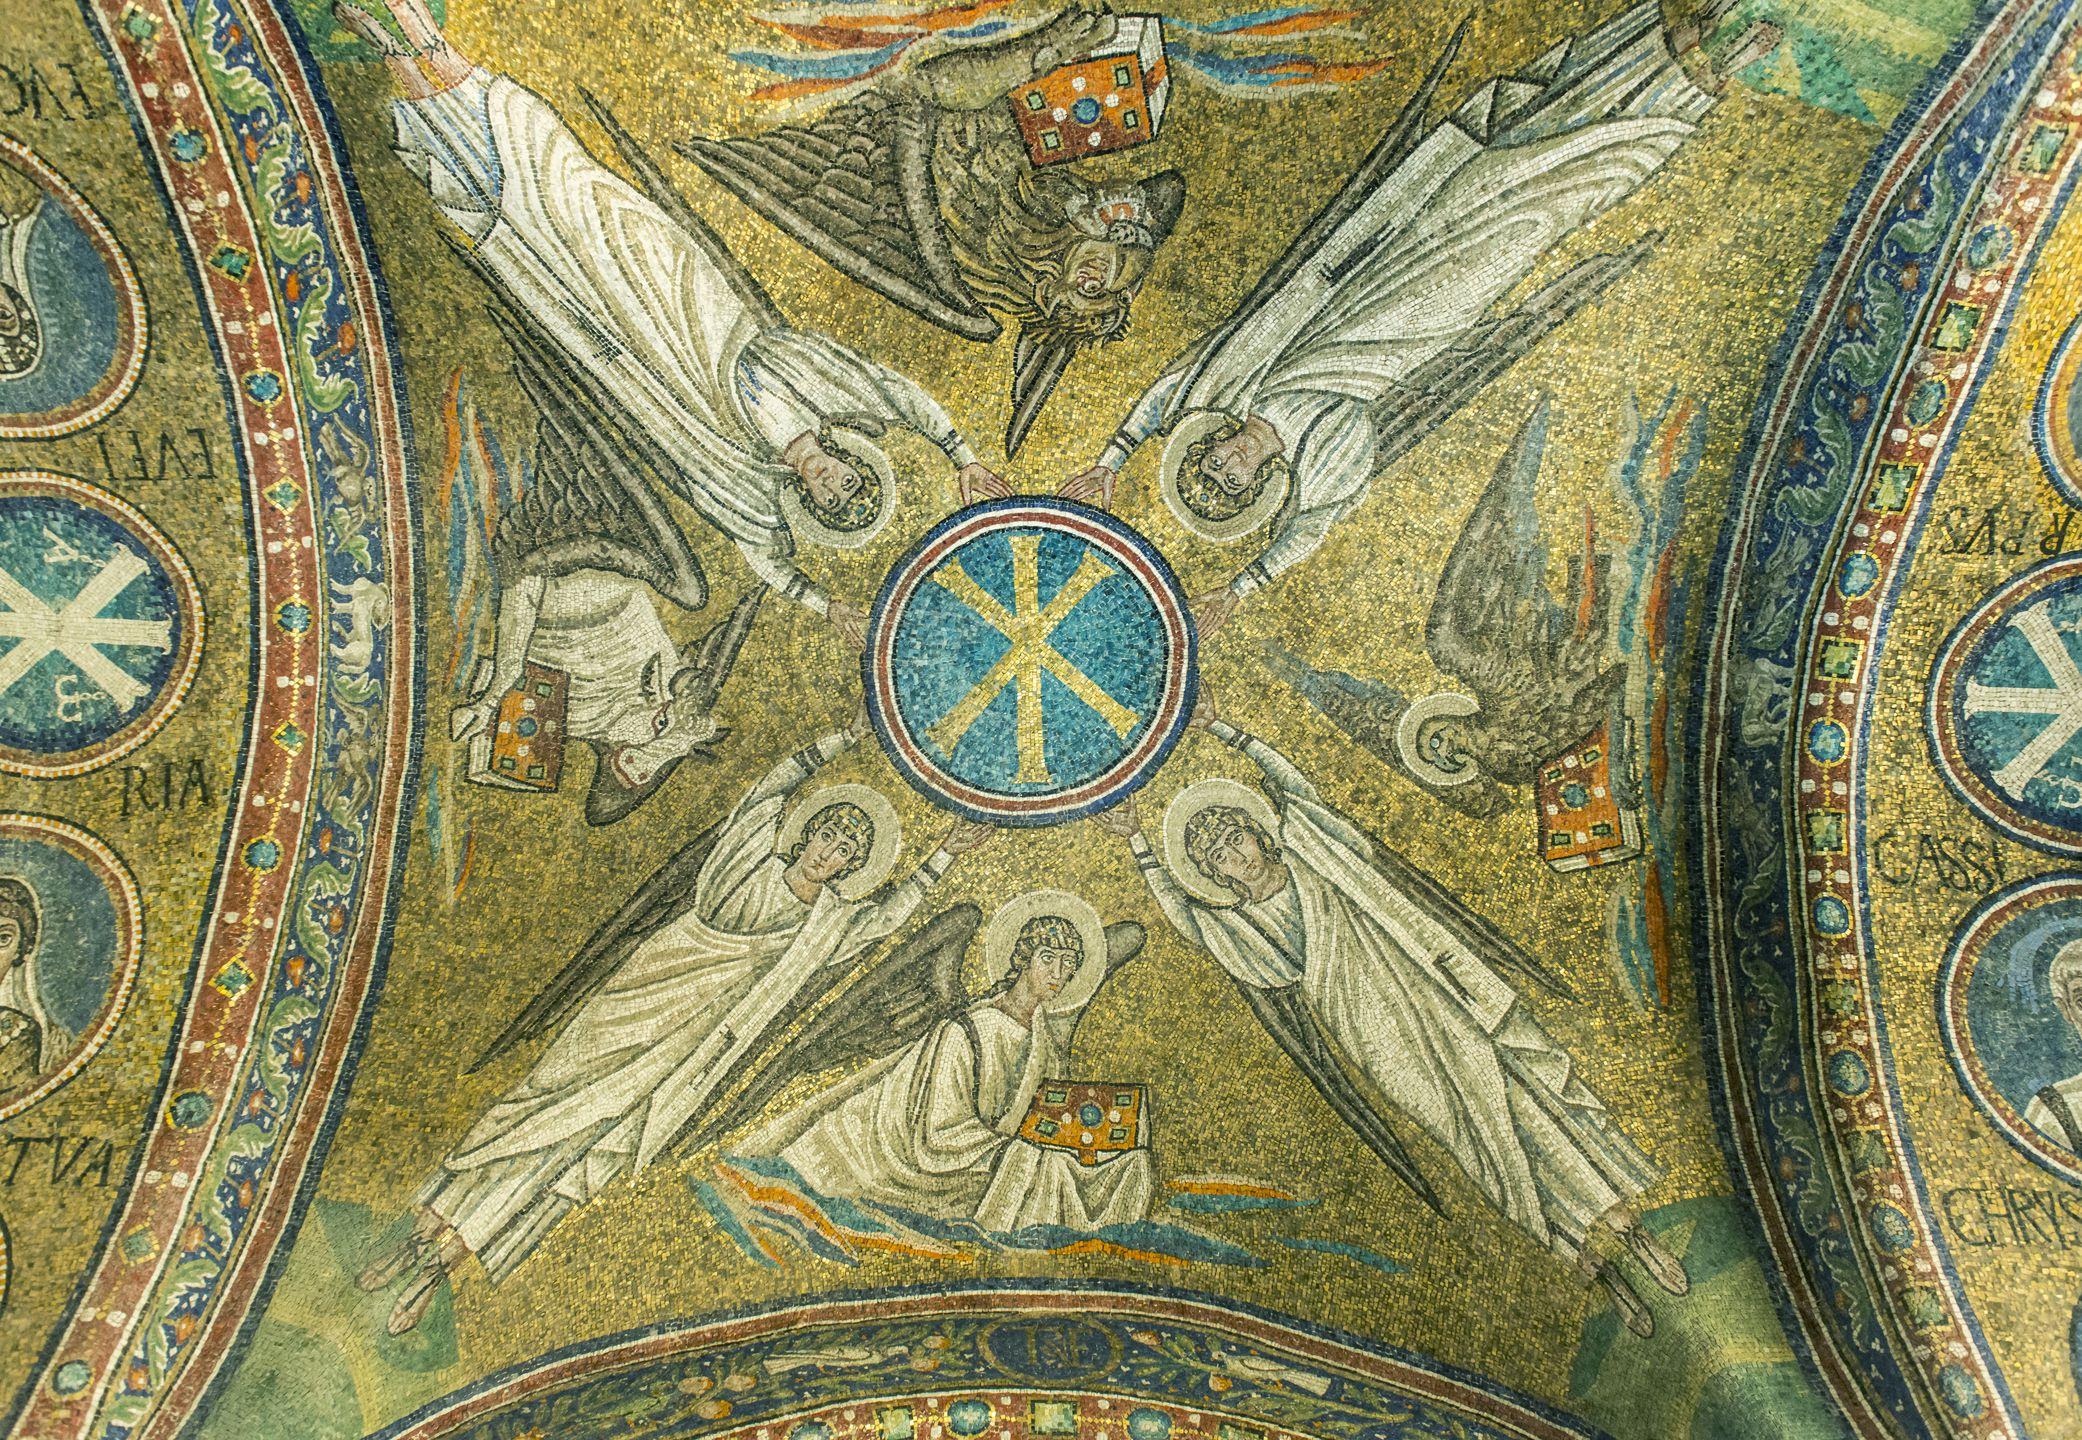 Tile mosaic in ornate dome in Basilica di SantApollinare, Ravenna, Italy